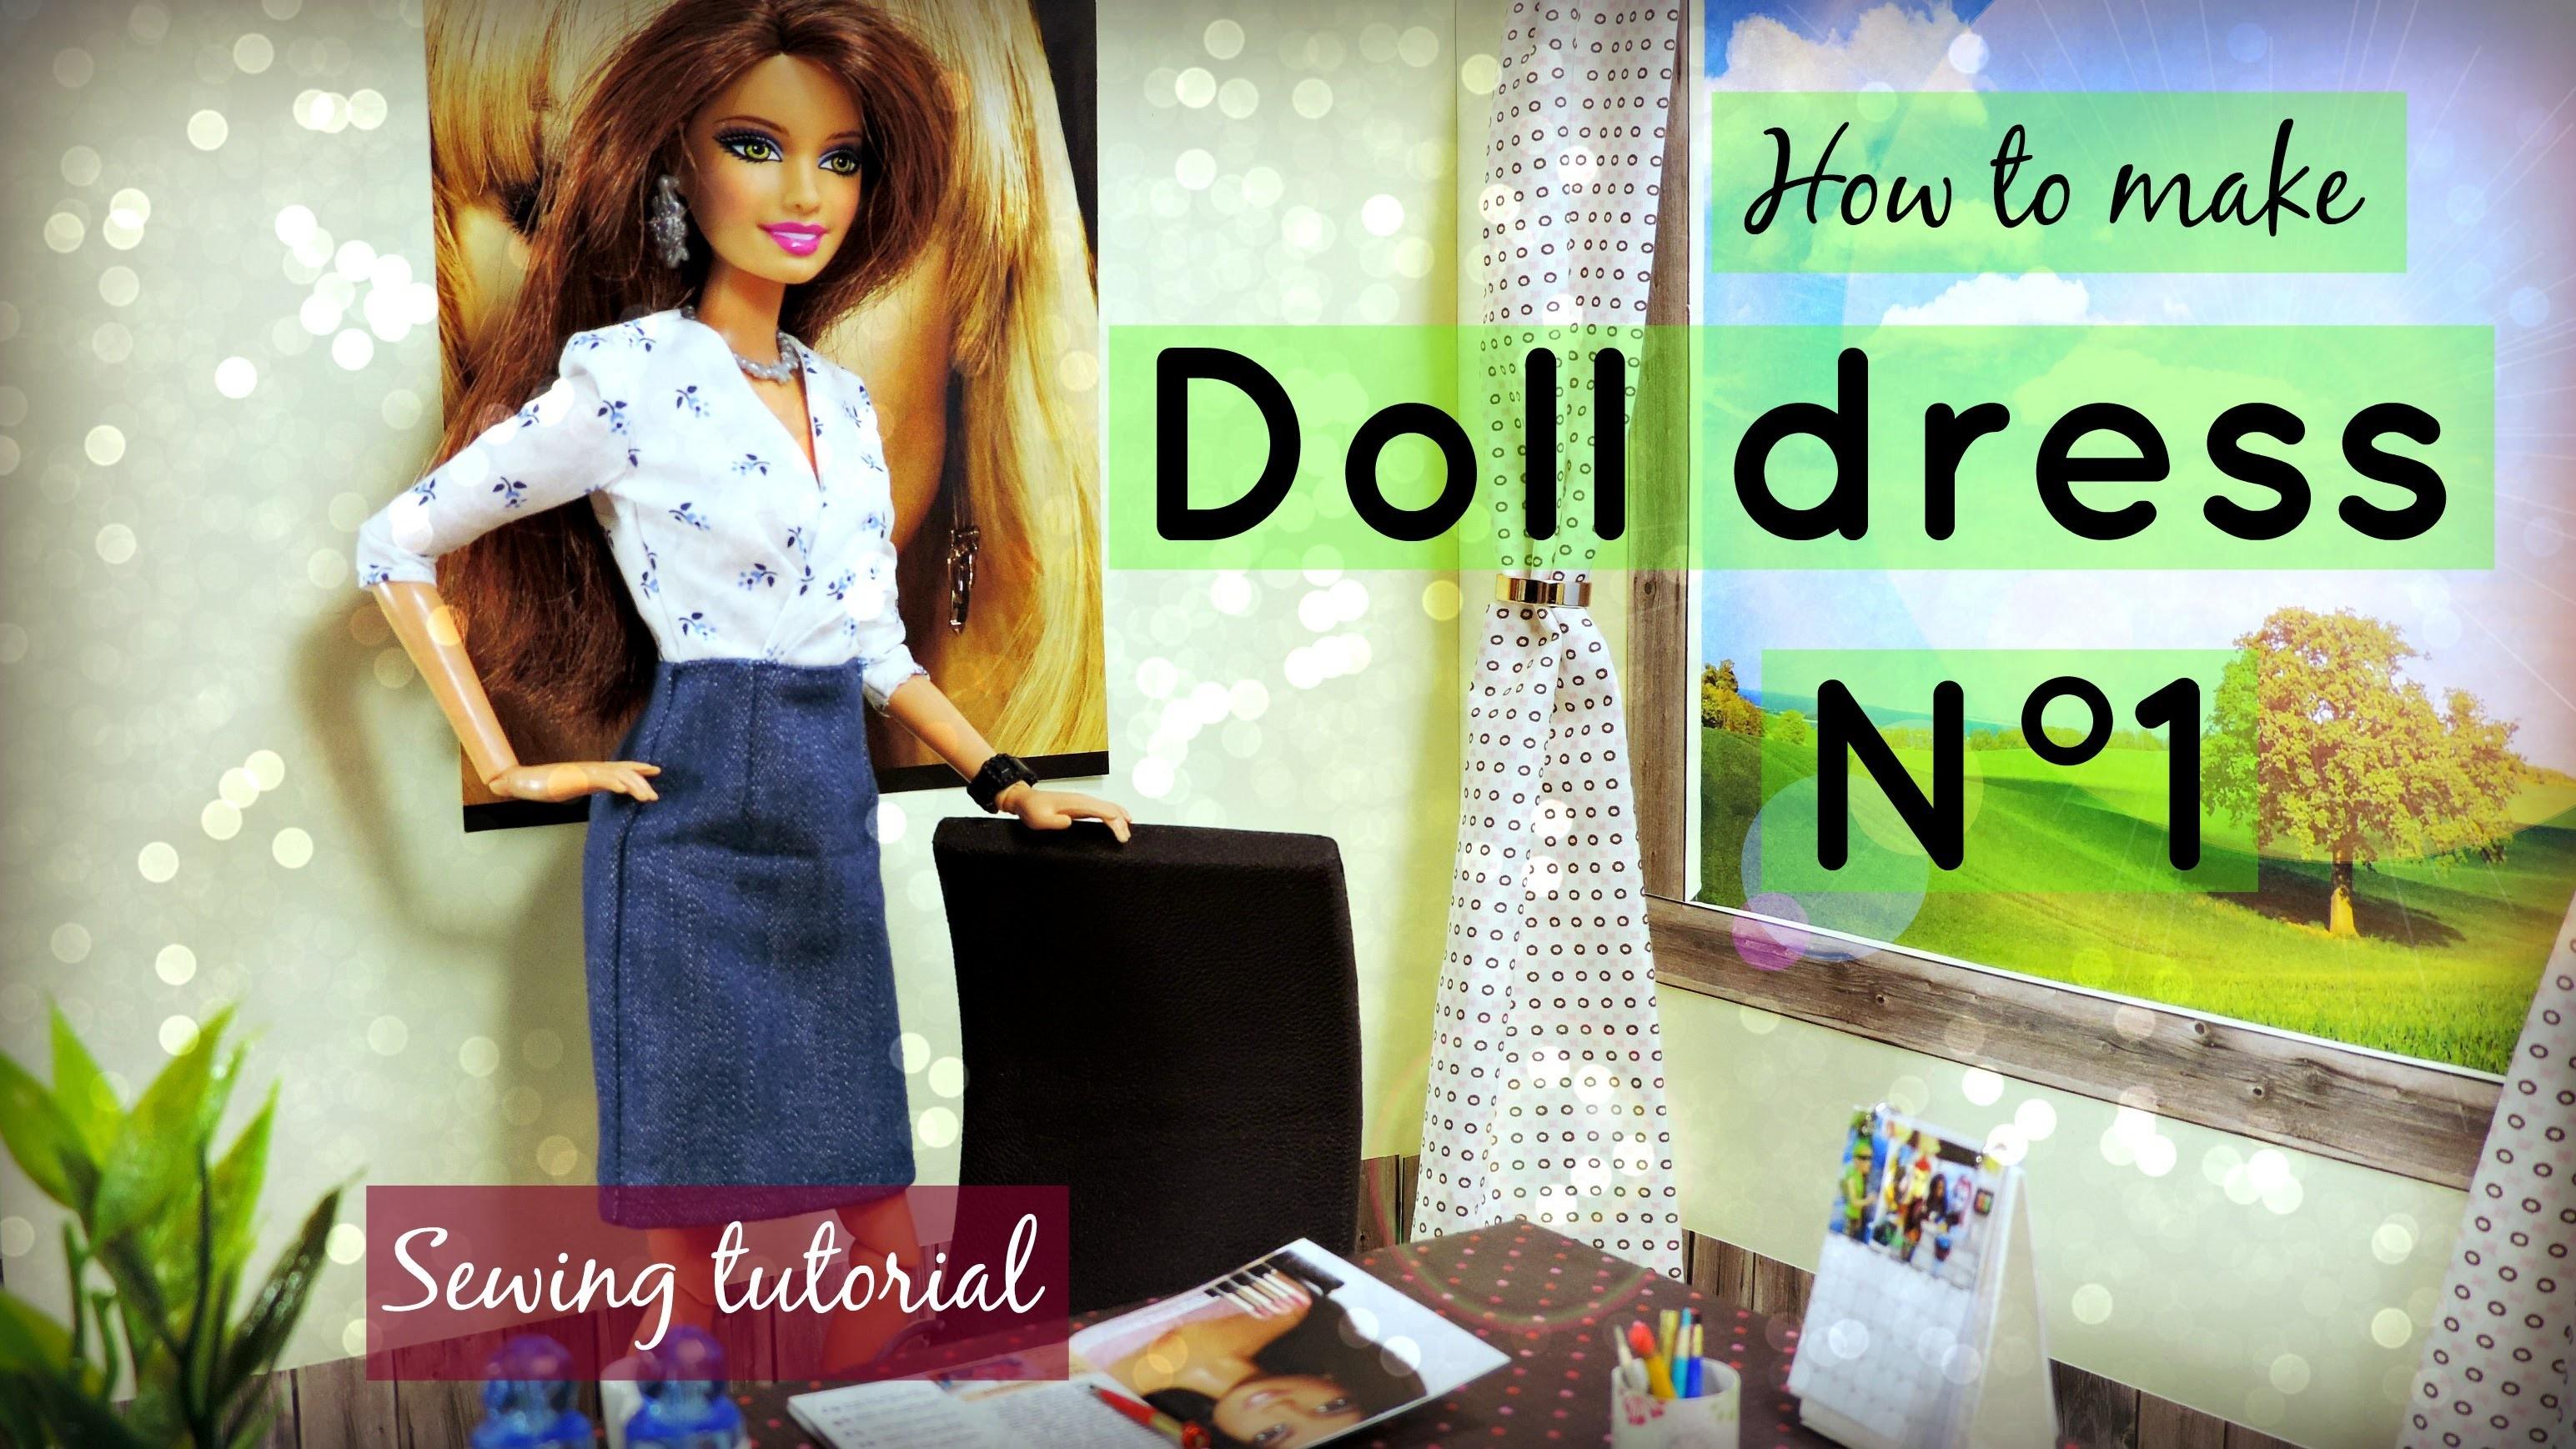 How to make doll dress N°1